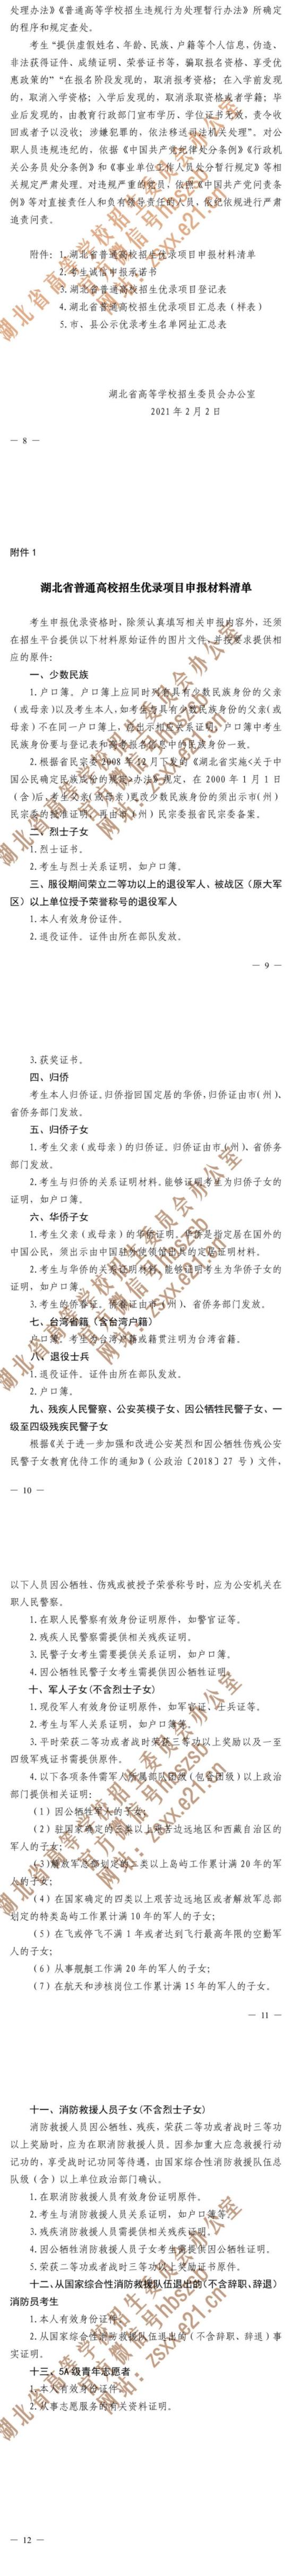 湖北:省招办关于做好2021年普通高校招生优录资格申报有关事项的通知